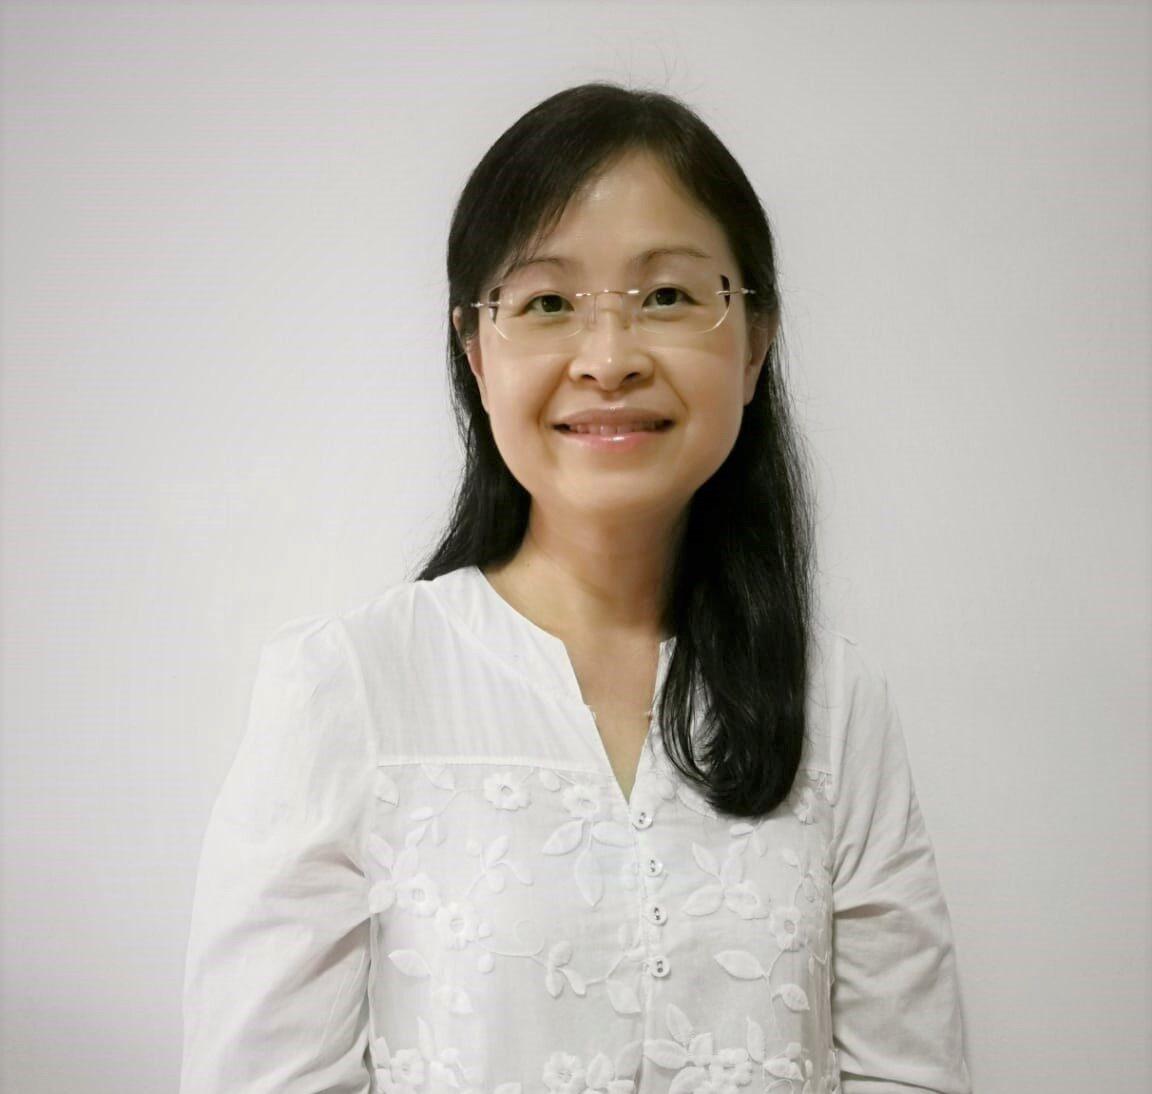 Chwee Chen